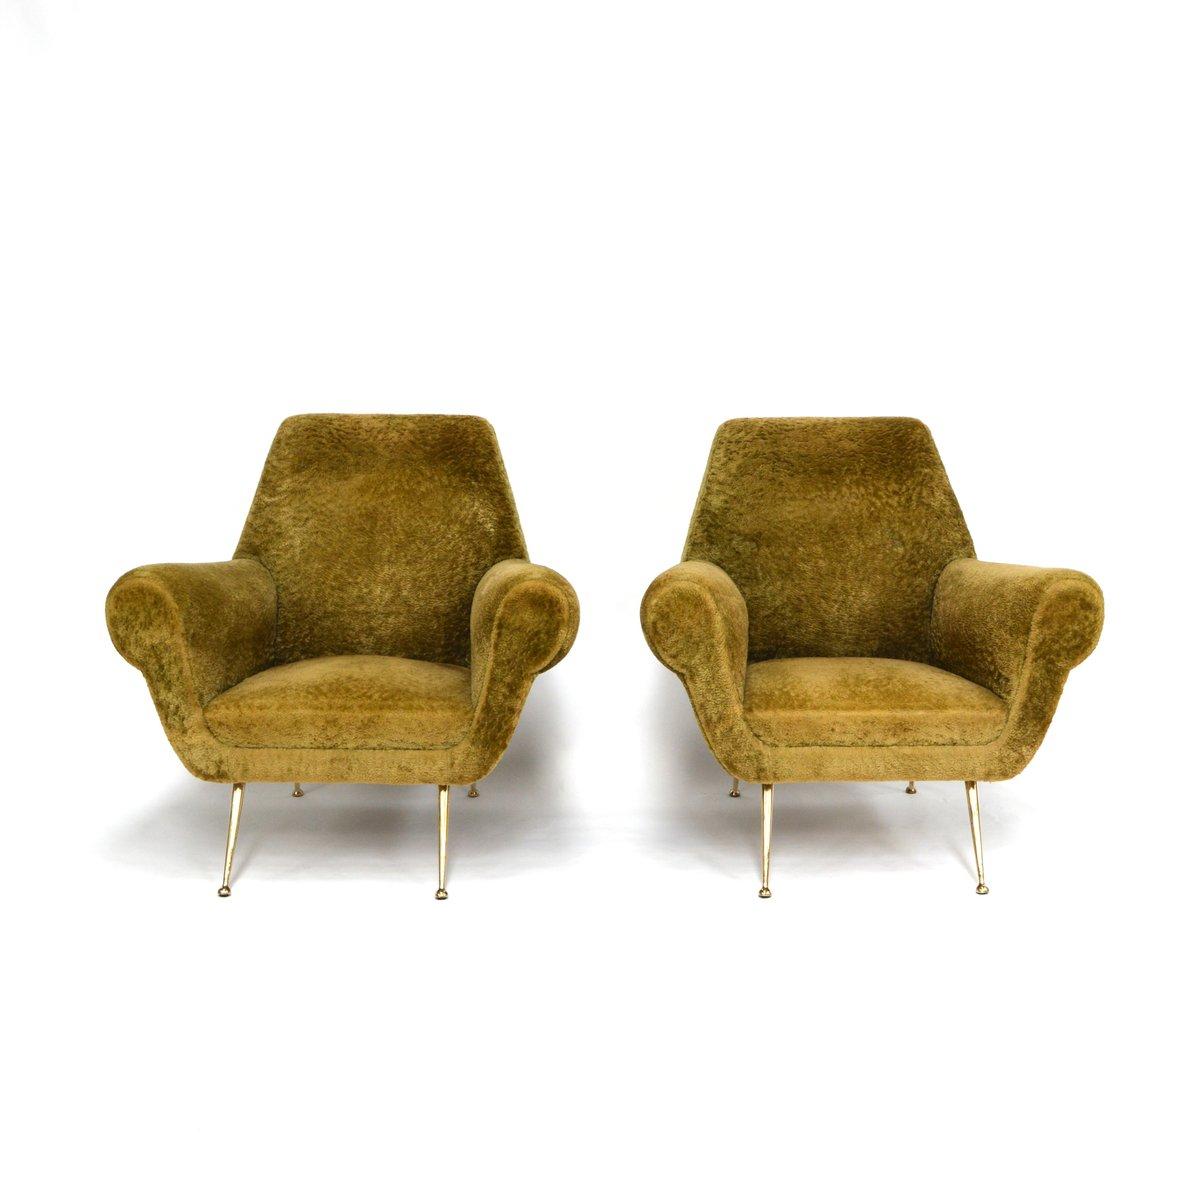 italienische sessel polsterst hle von gigi radice f r. Black Bedroom Furniture Sets. Home Design Ideas